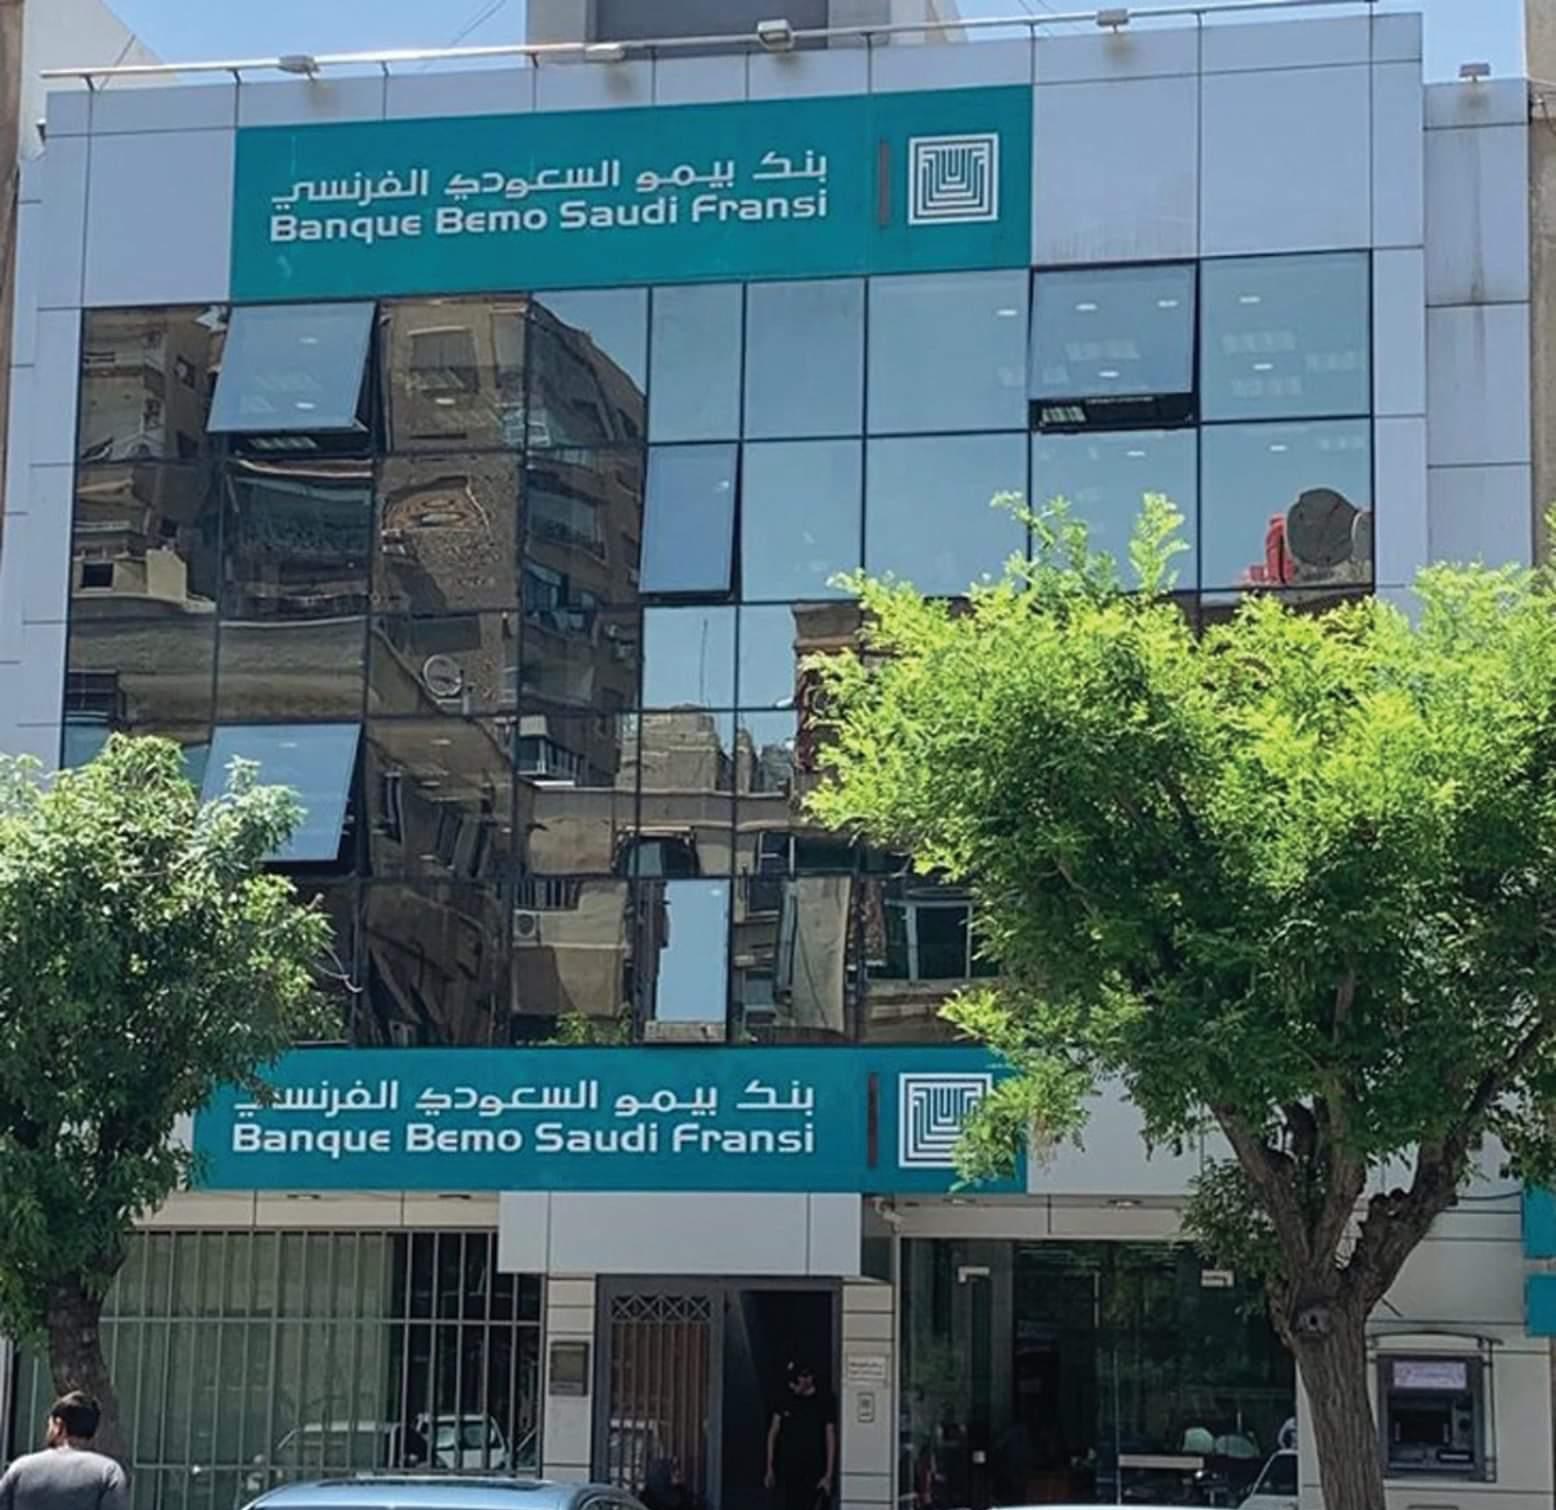 القرض السكني من بنك بيمو السعودي الفرنسي